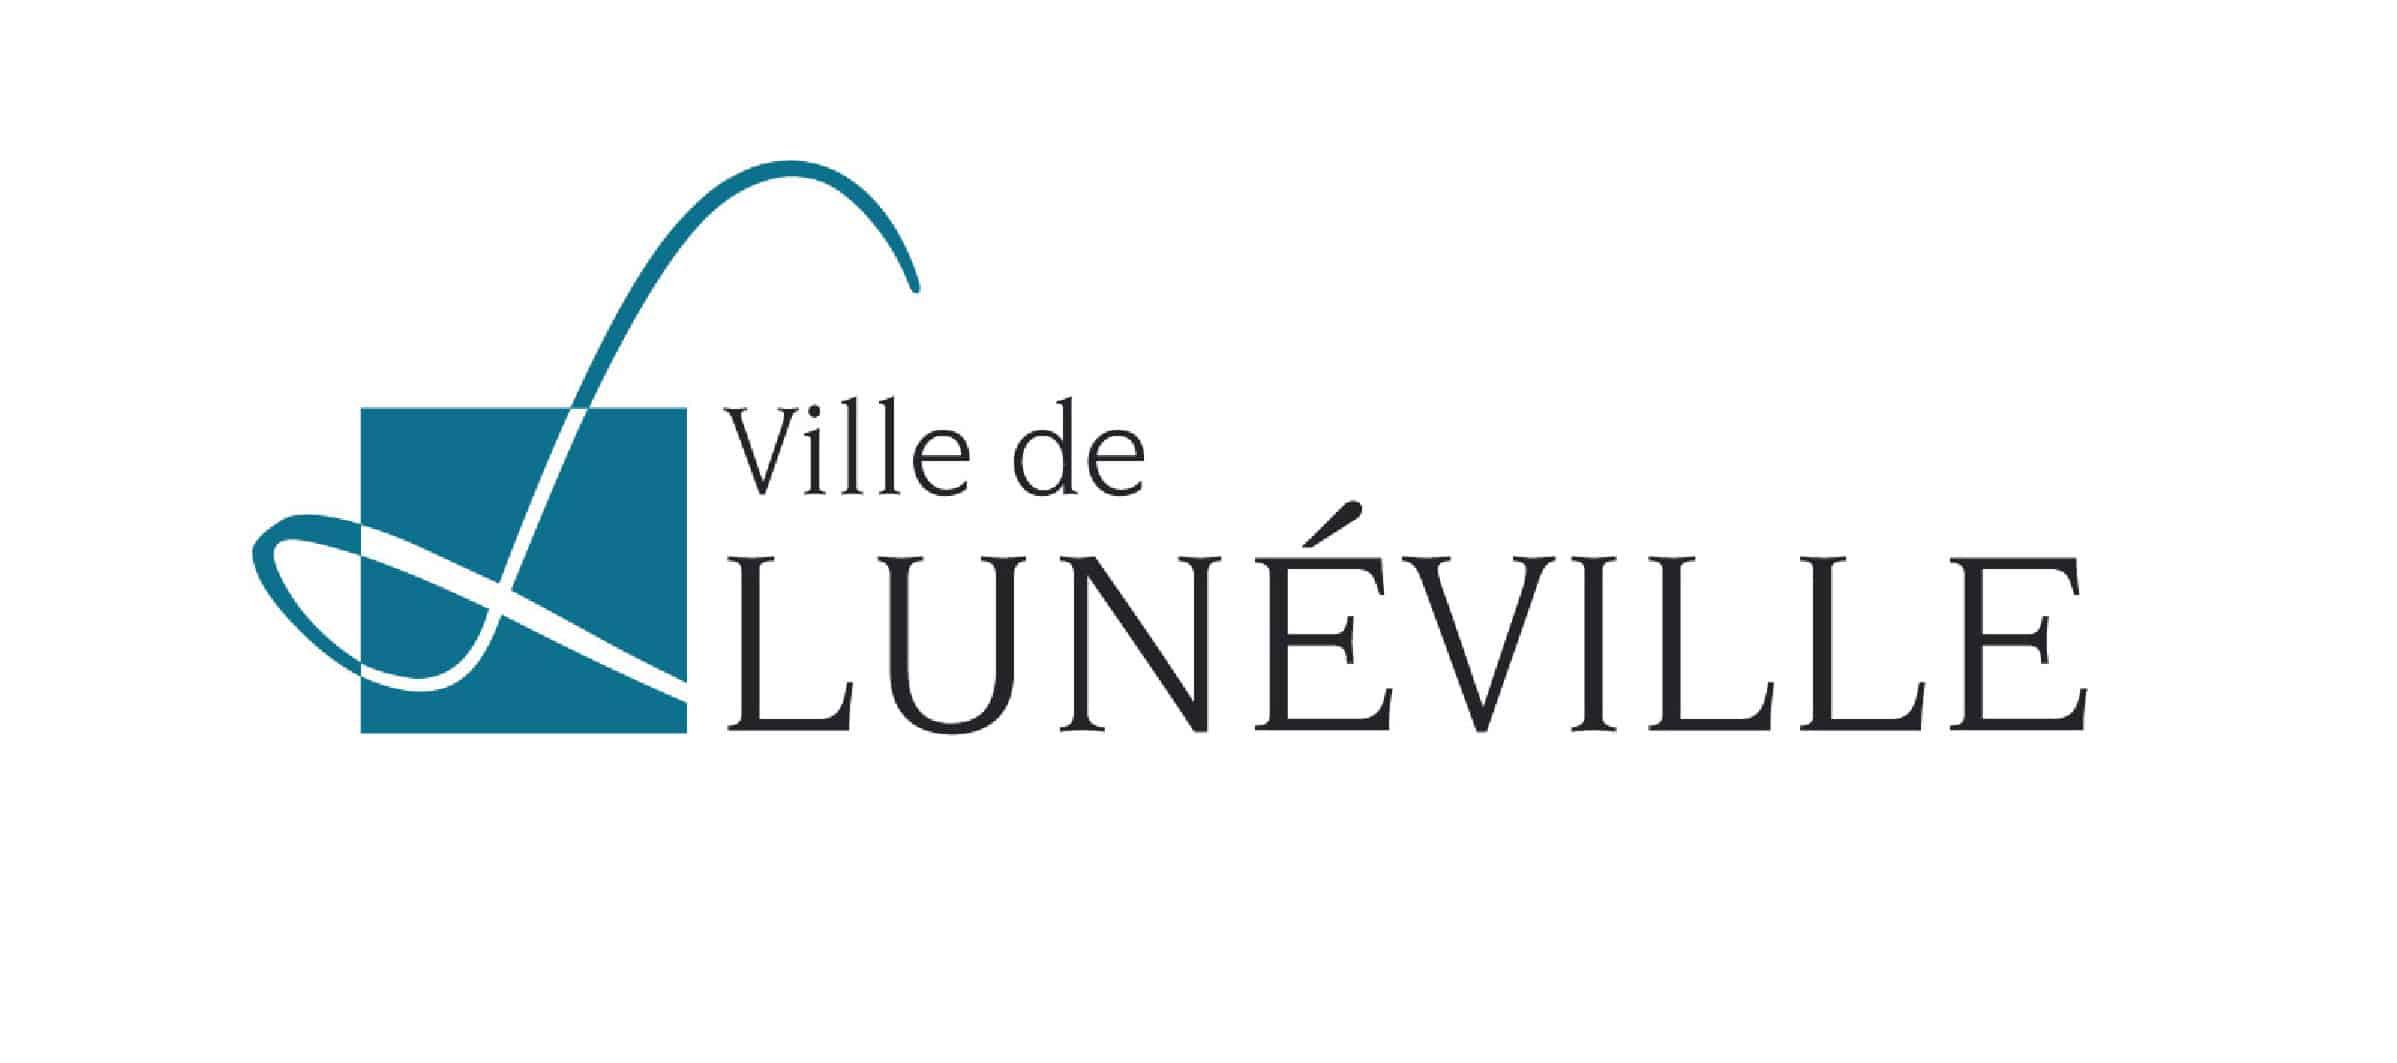 Villes de Lunéville, Bischheim, Raon l'étape, Schweighouse, St-Dié